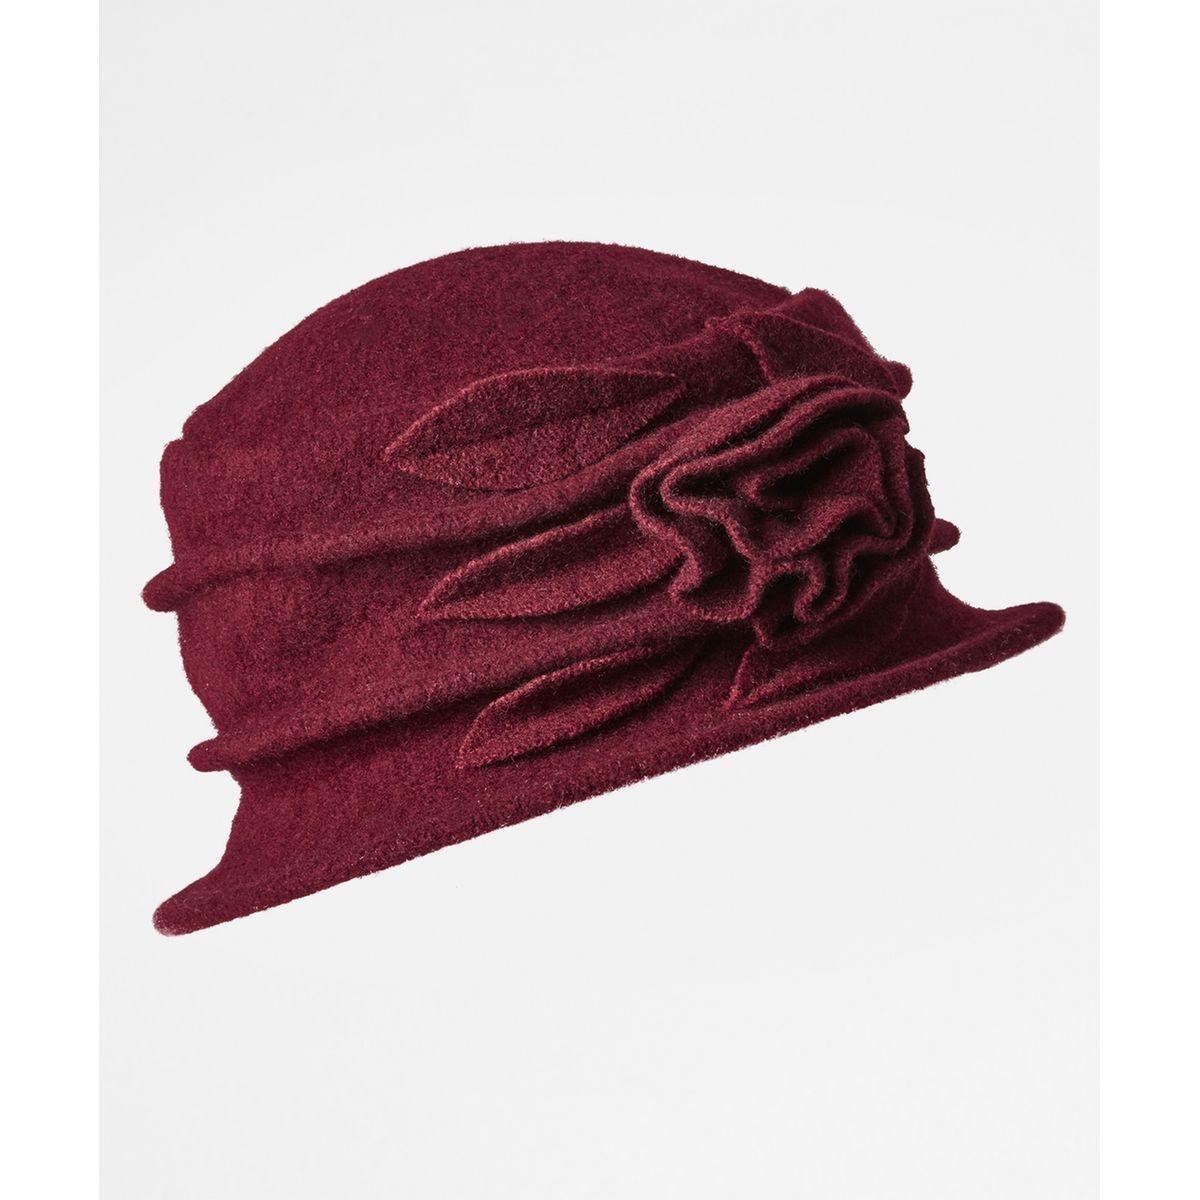 Chapeau cloche en laine à motif fleuri